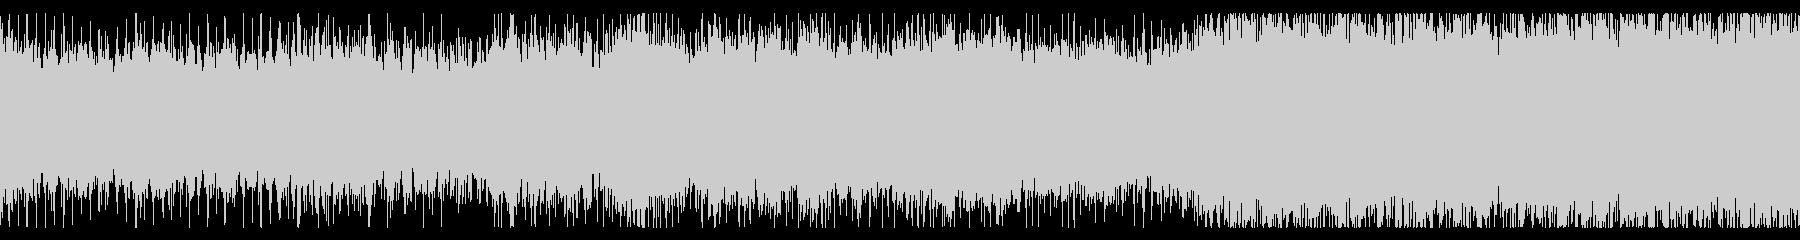 【ループBGM】メタルパイレーツオブ何かの未再生の波形